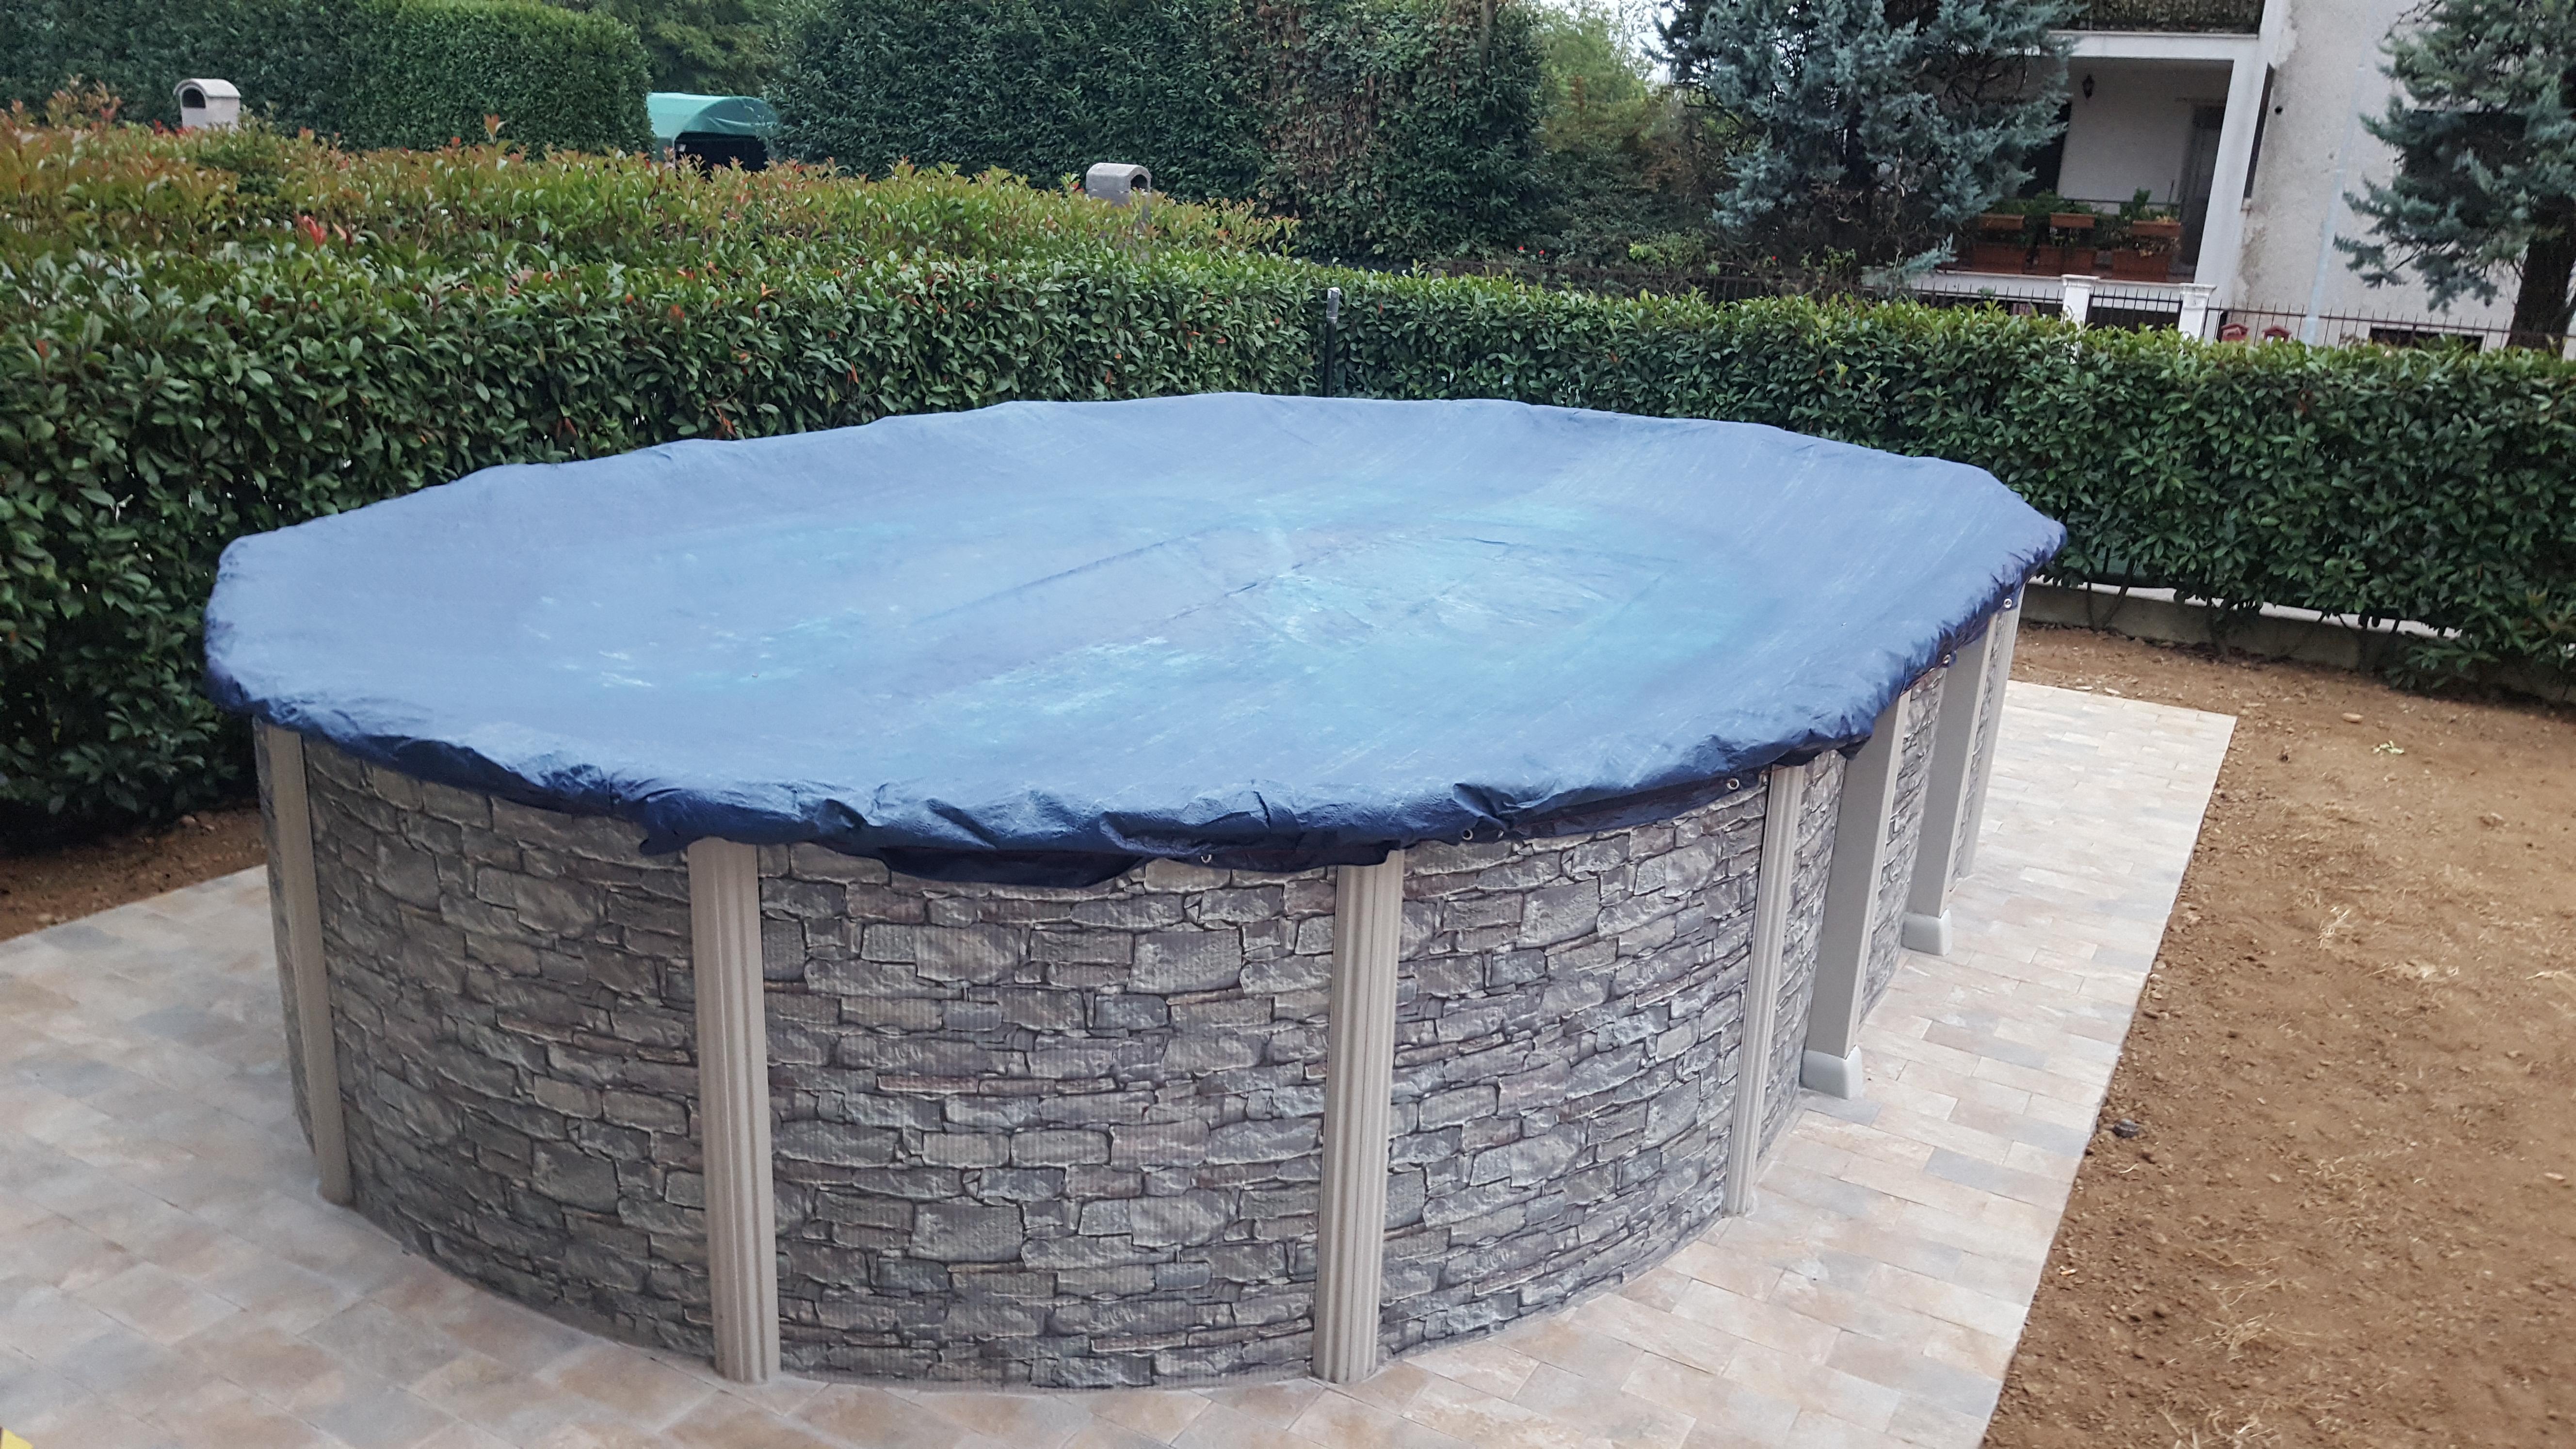 Piscina Da Esterno Fuori Terra coperture invernali per piscine fuori terra - blog piscine